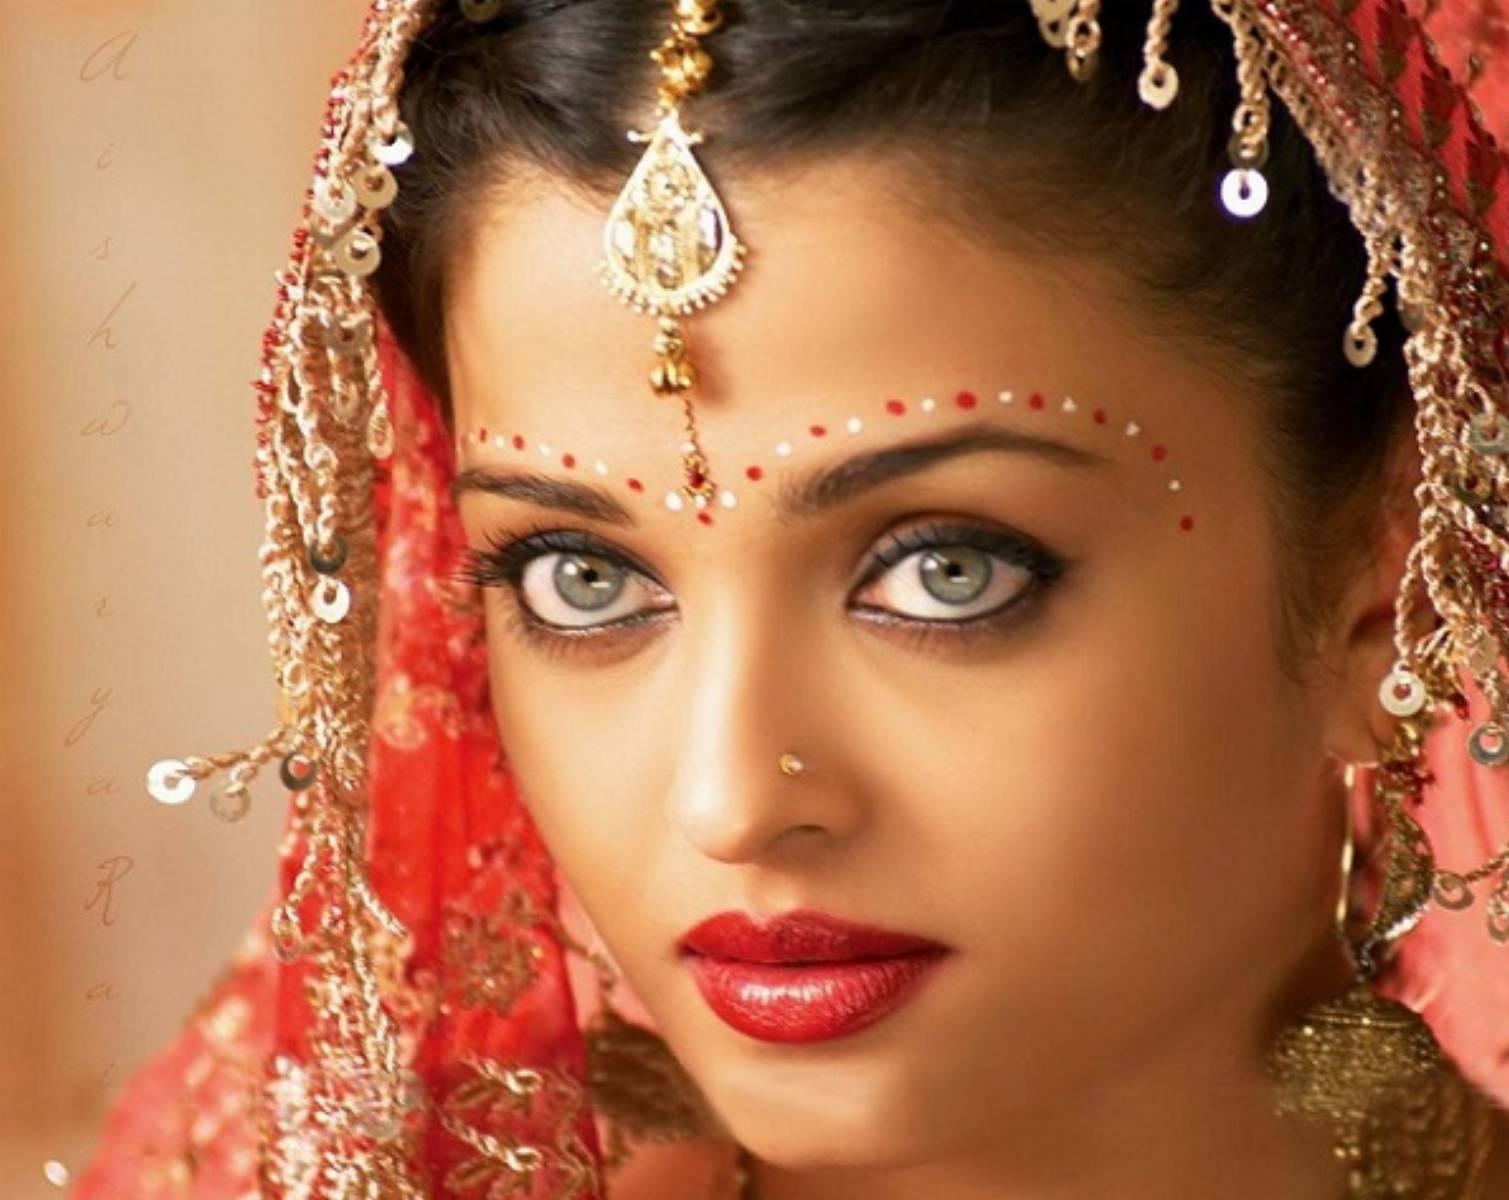 Jak Optycznie Powiększyć Oko Oto Triki Mistrzyń Makijażu Z Azji